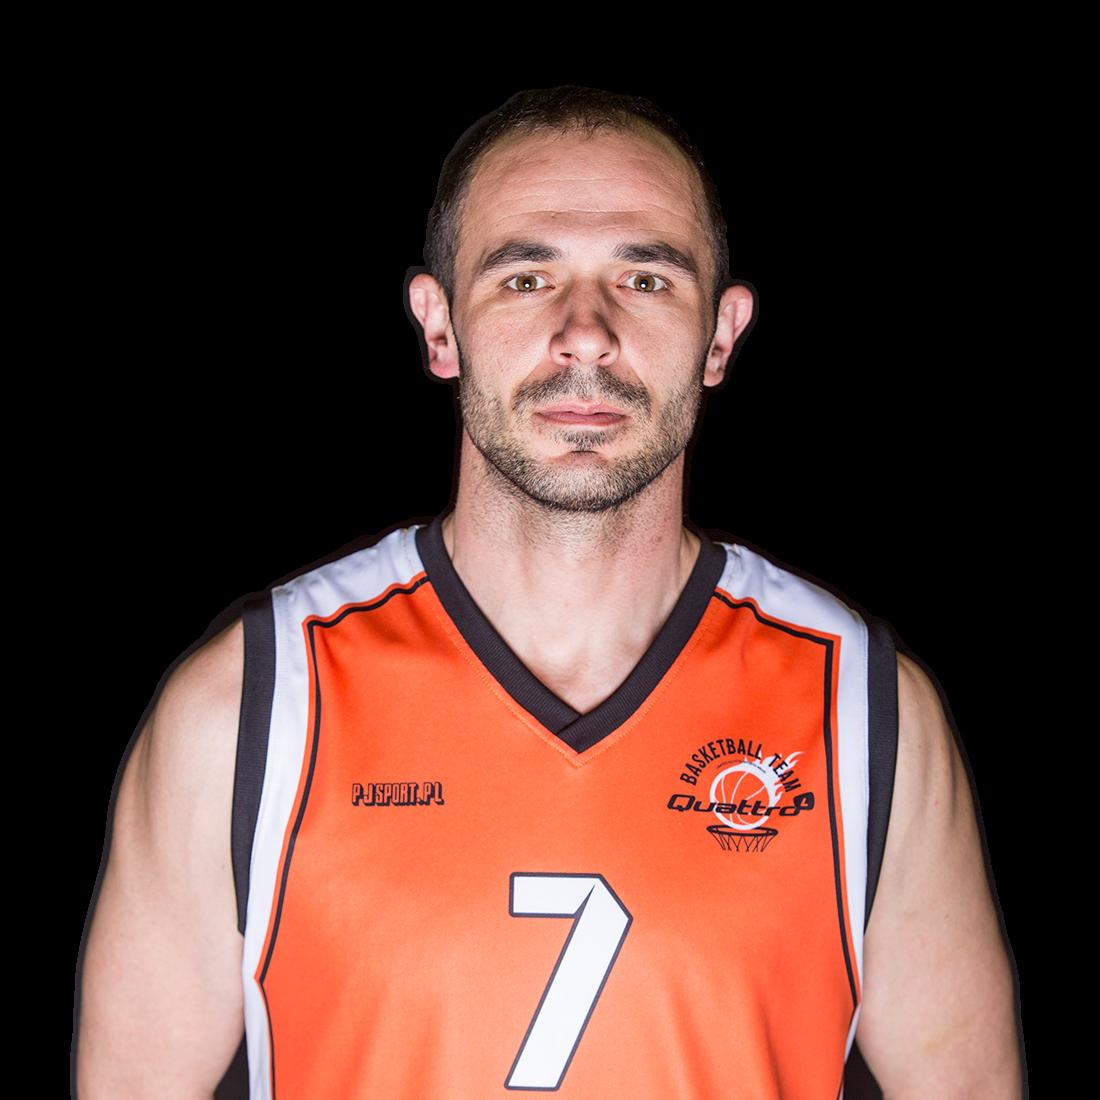 Grzegorz Kuczek